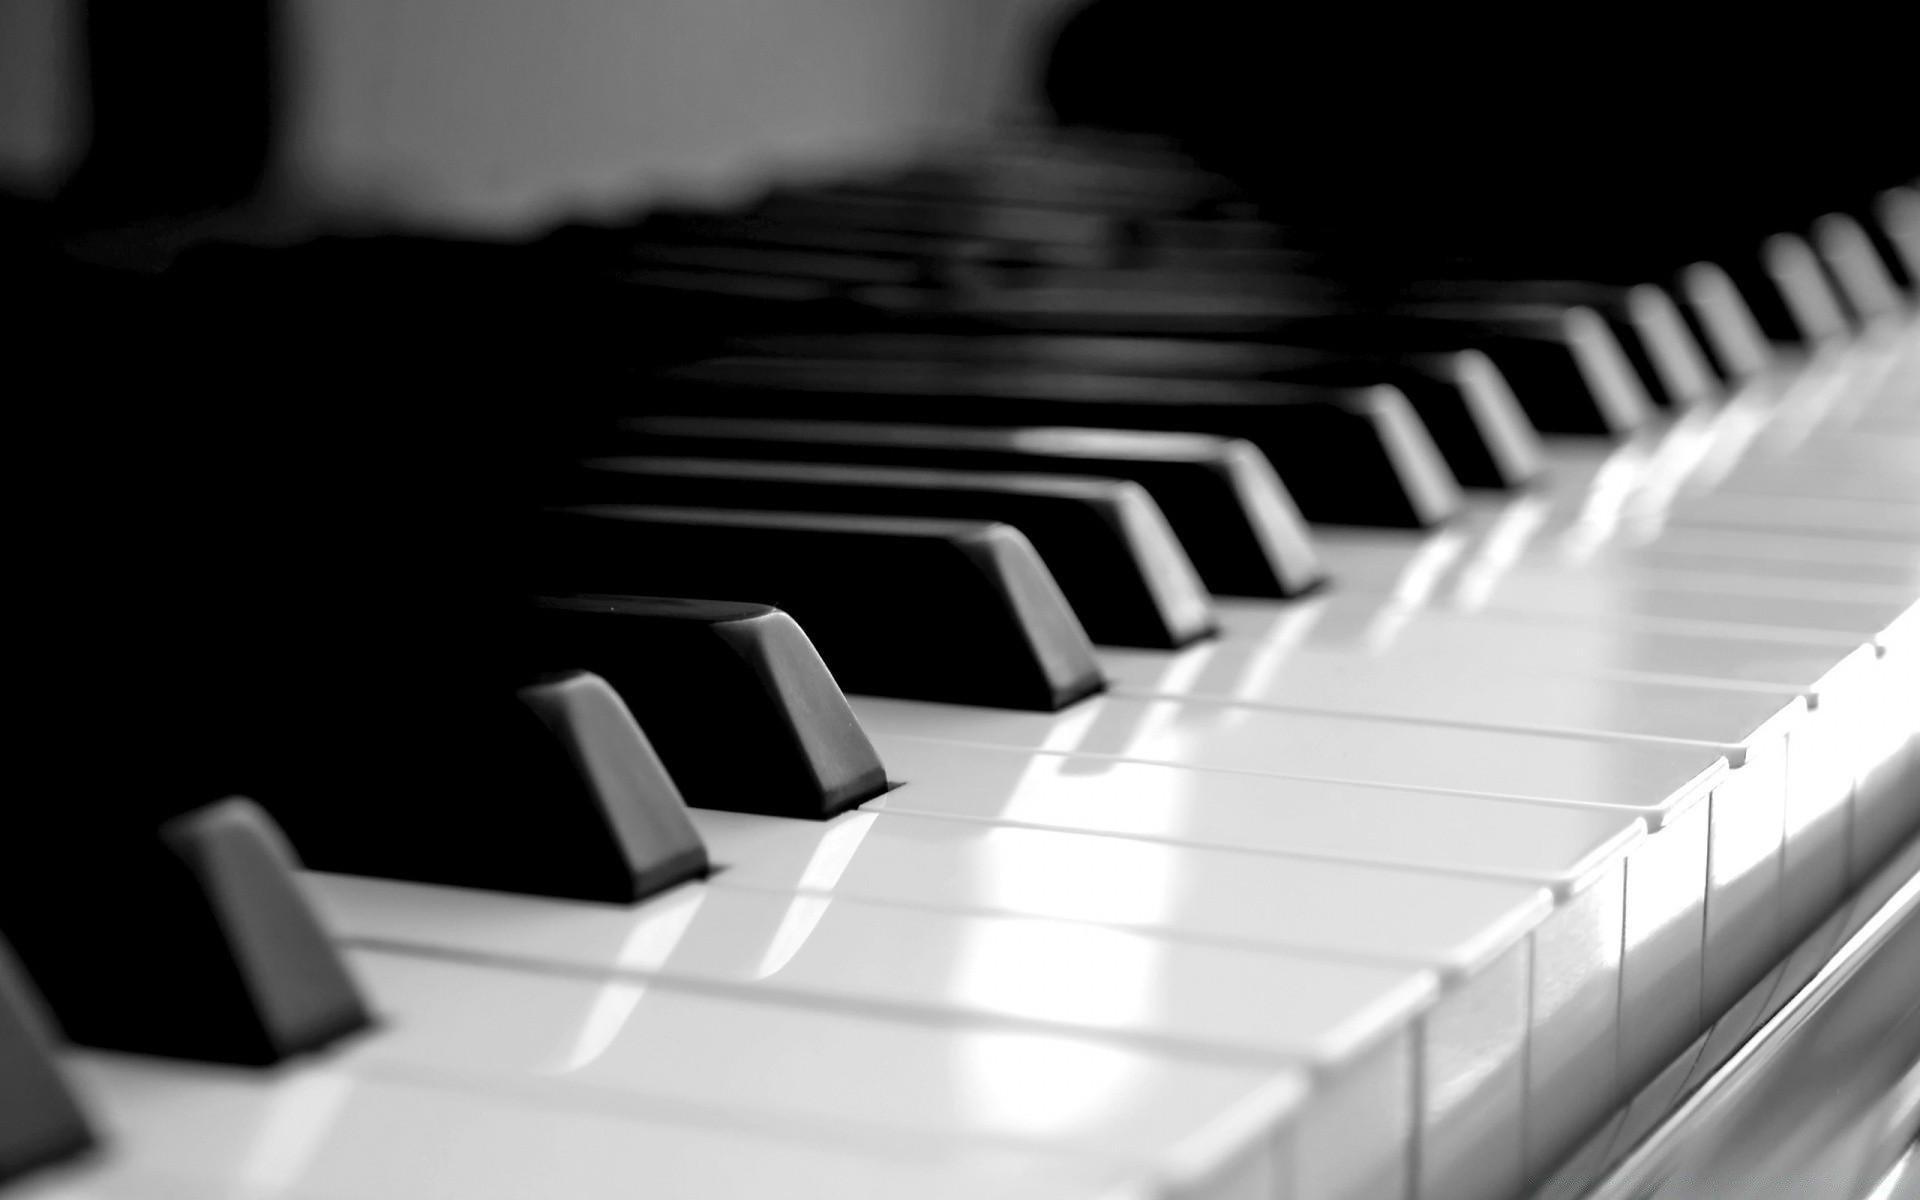 Обои на рабочий стол 1920х1080 пианино